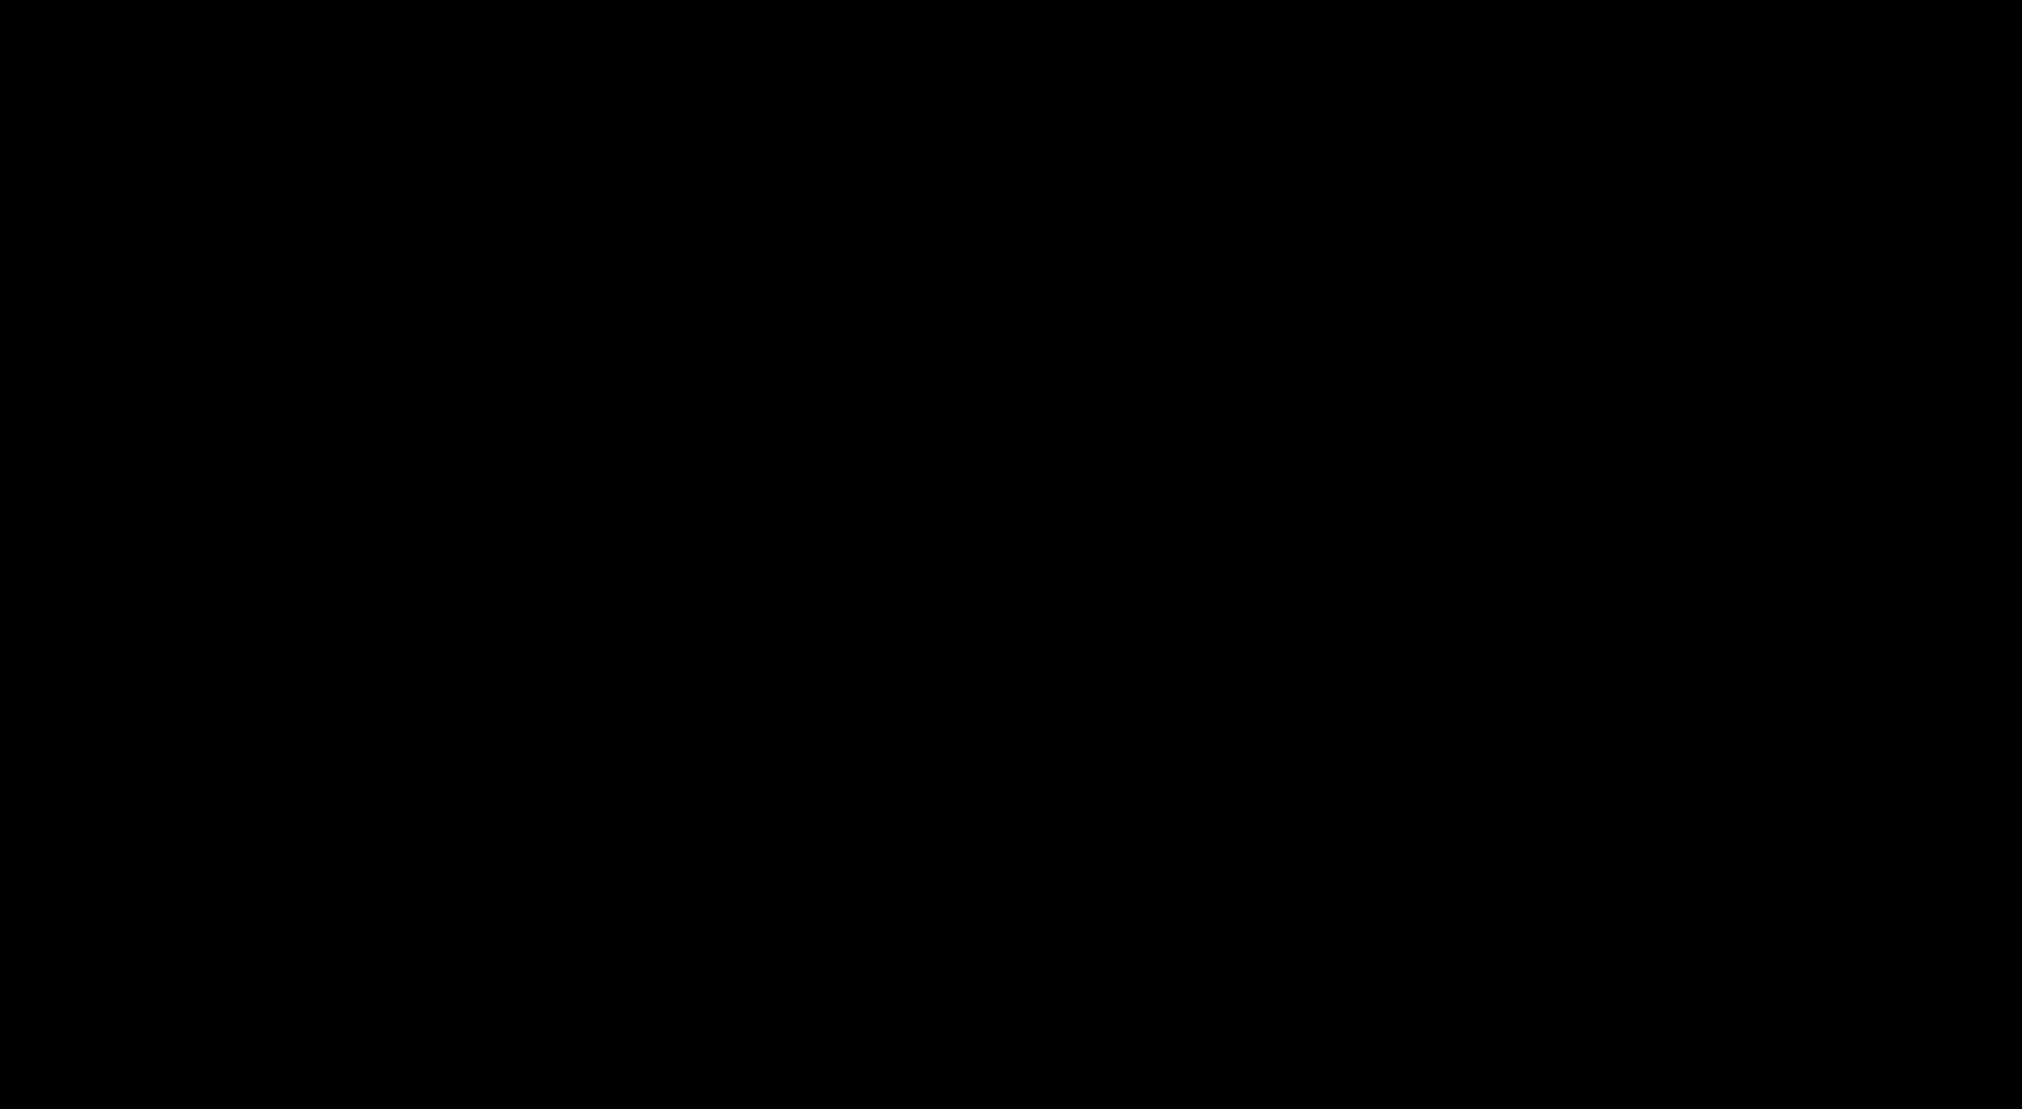 N-(4-Fluorophenylpyrazole)curcumin-d<sub>6</sub>